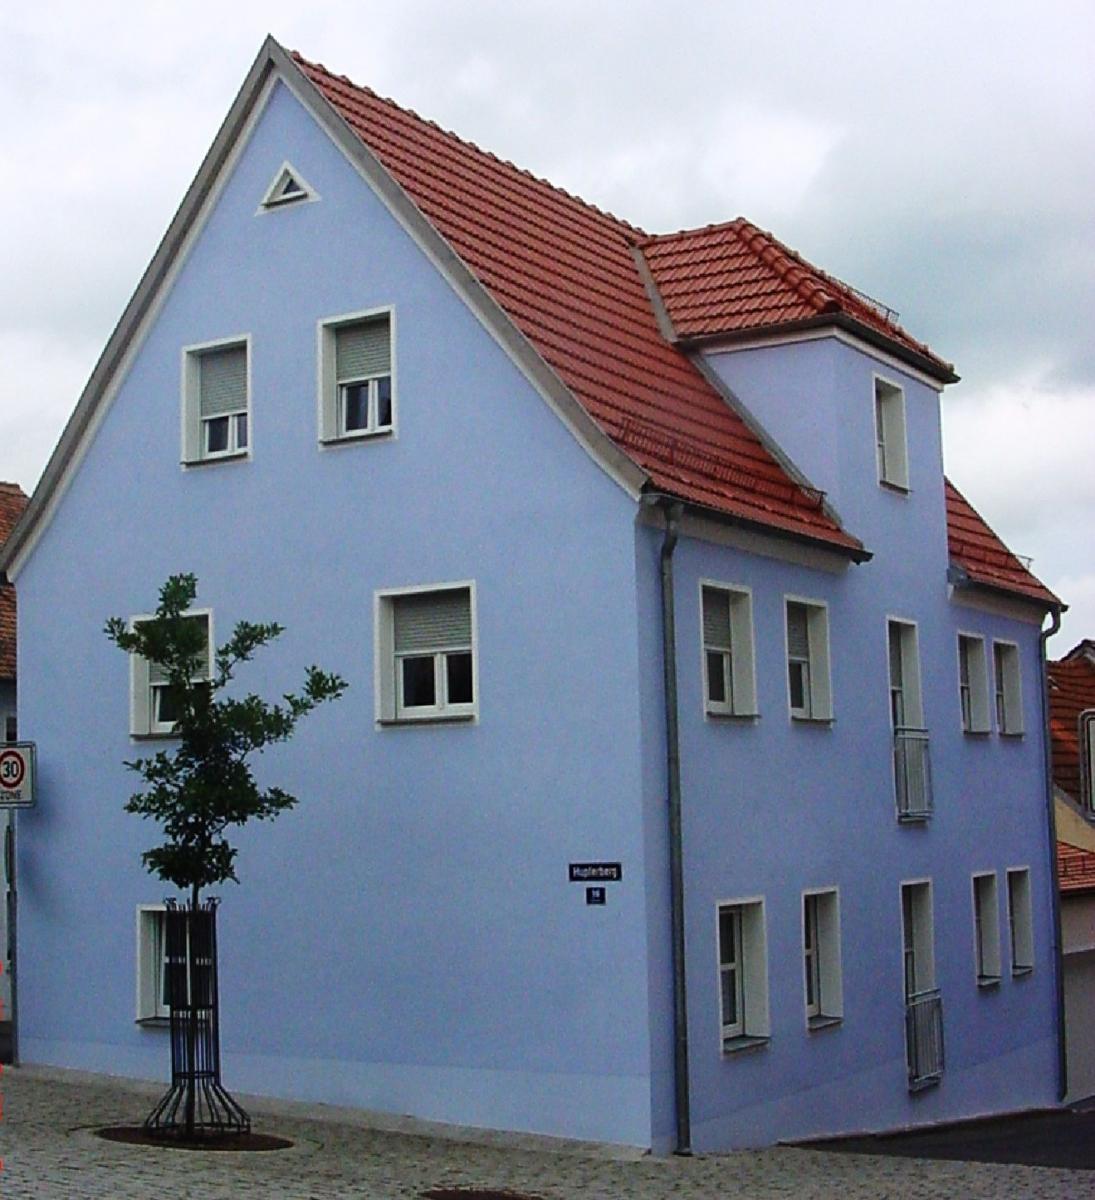 renovierung sanierung entwickeln bauen gestalten wb bauer erbendorf. Black Bedroom Furniture Sets. Home Design Ideas